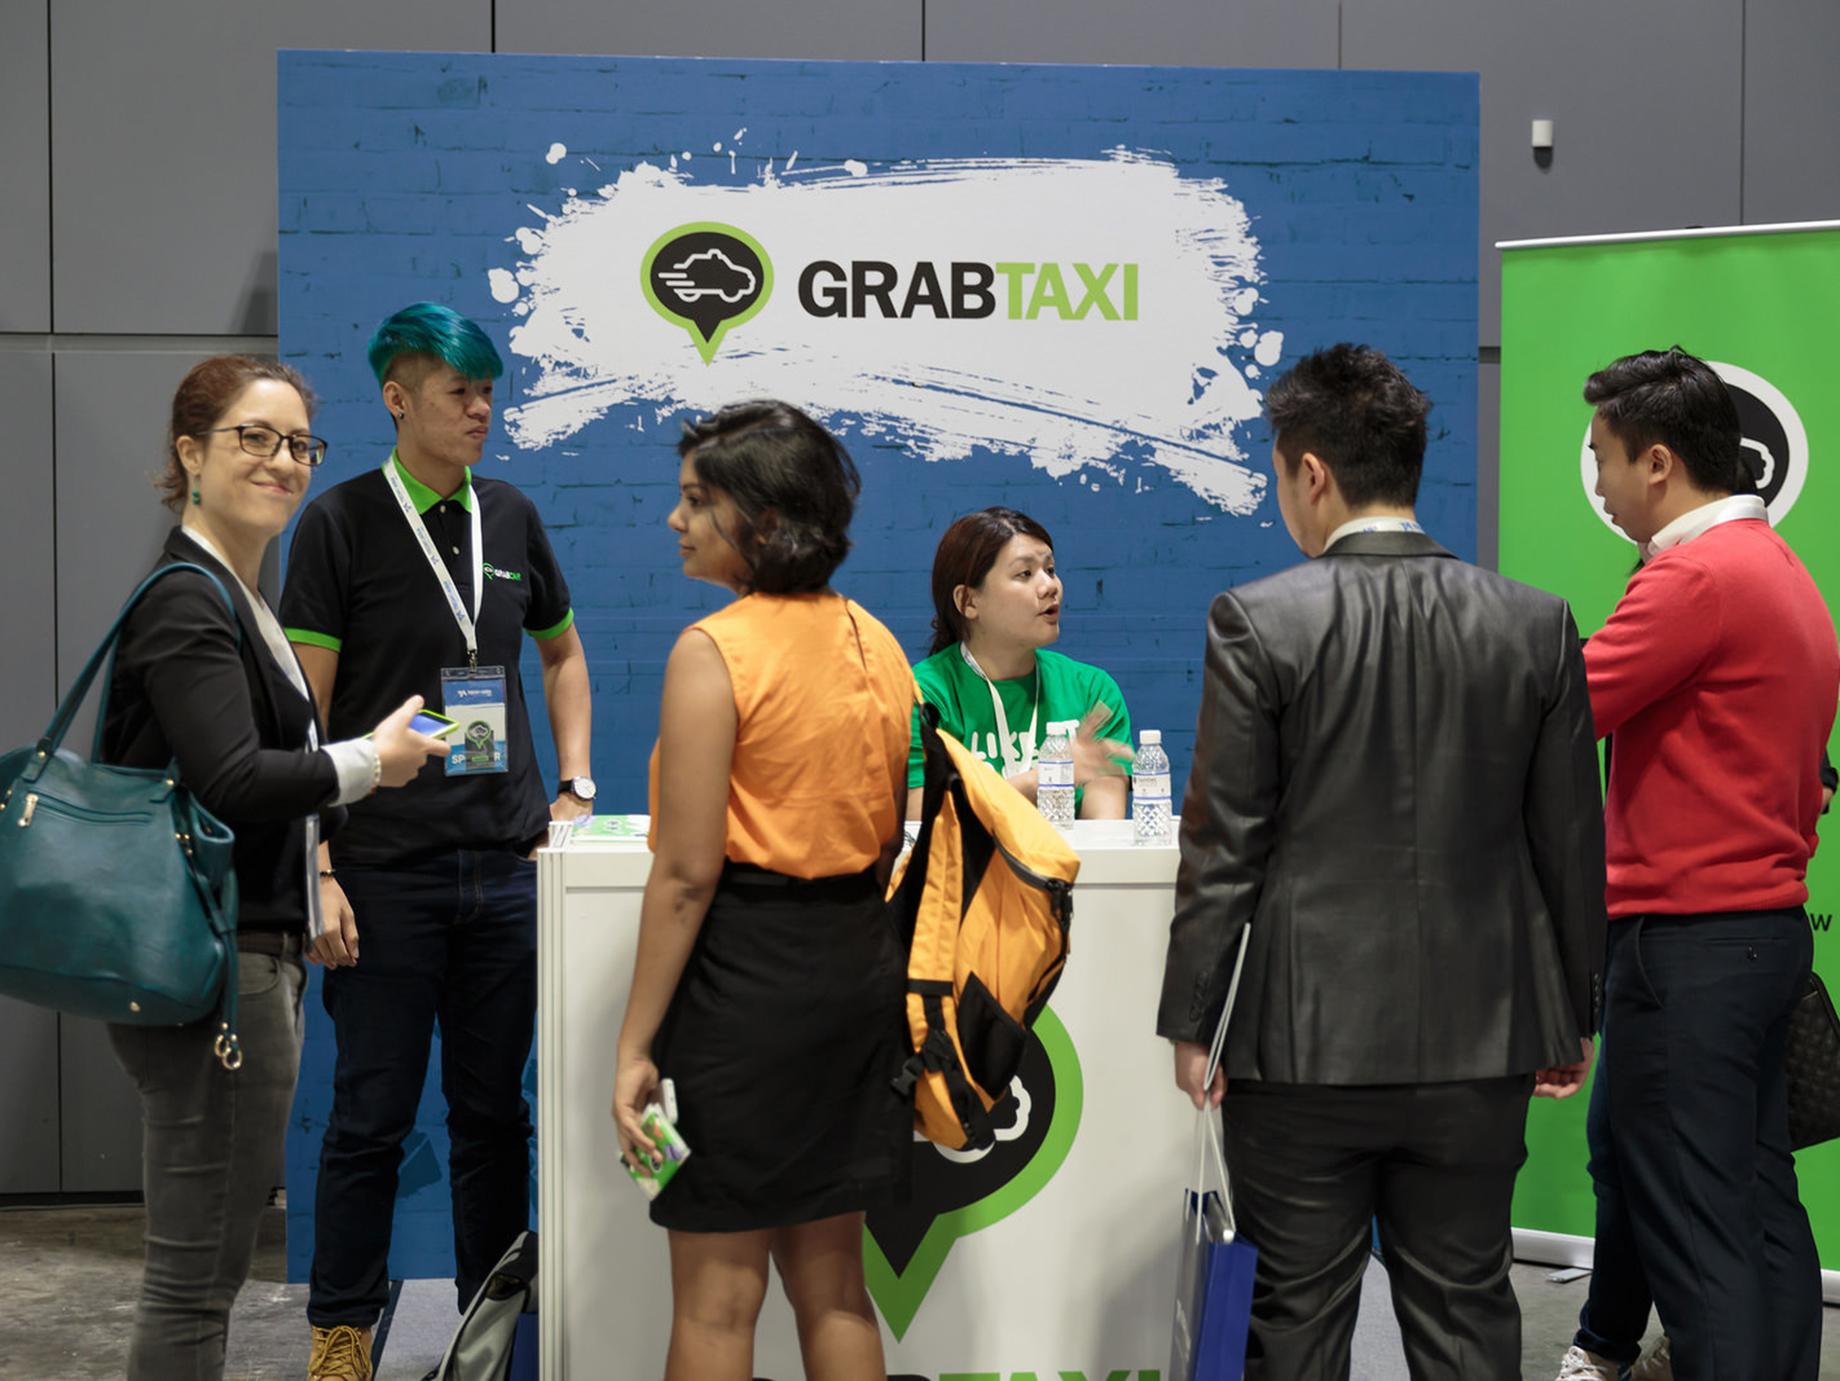 政府下令禁止》Uber、Grab的「共乘服務」,在越南踢到鐵板